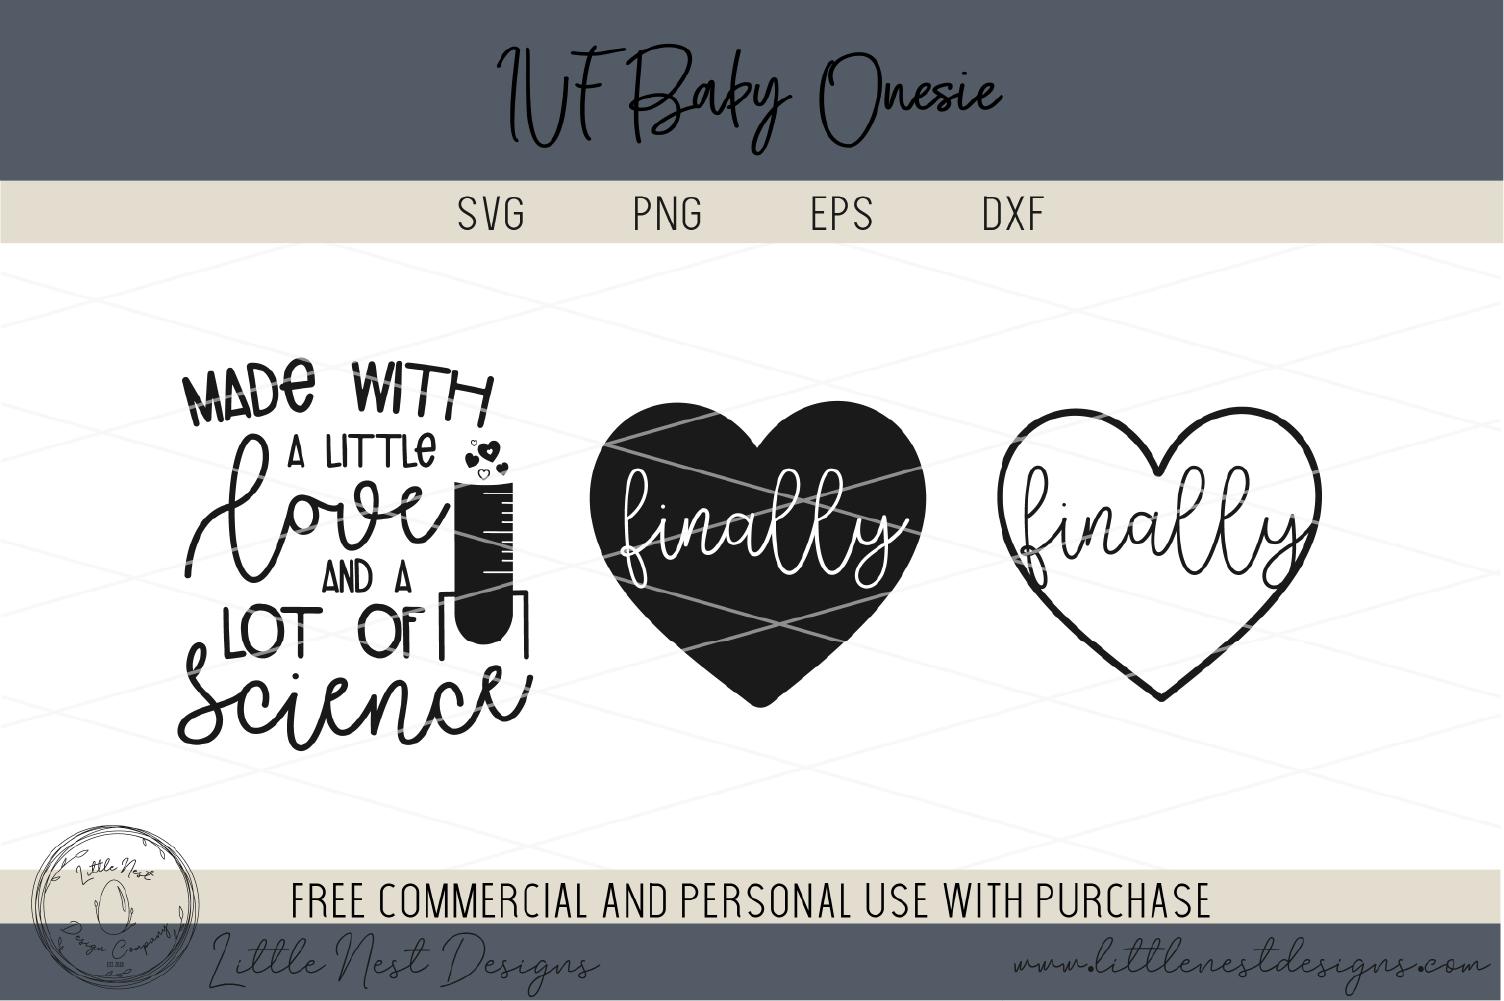 IVF Baby Onesie SVG Bundle - Onesie Cut Files example image 3